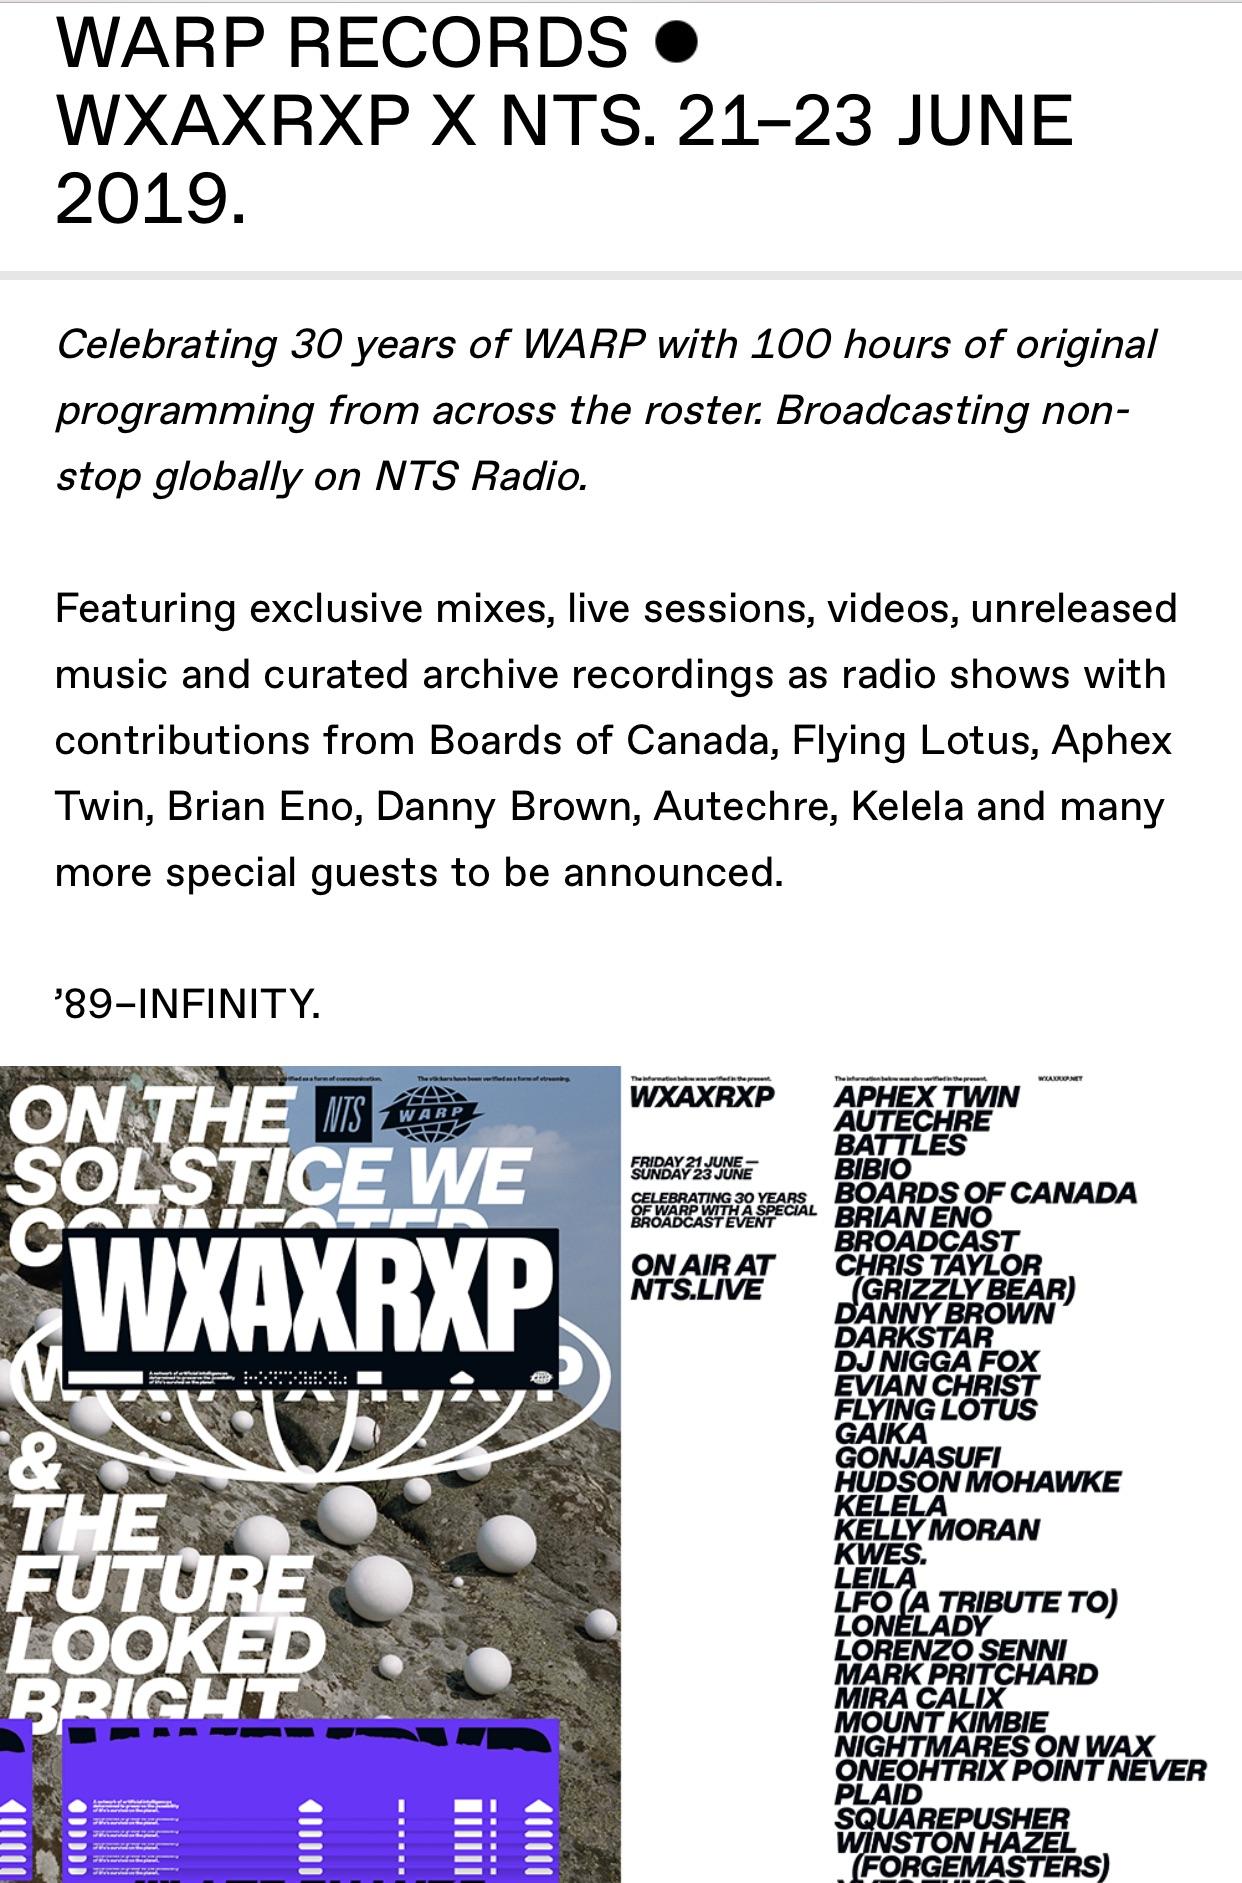 WXAXRXP 89 - Infinity [WARP Records event] - General